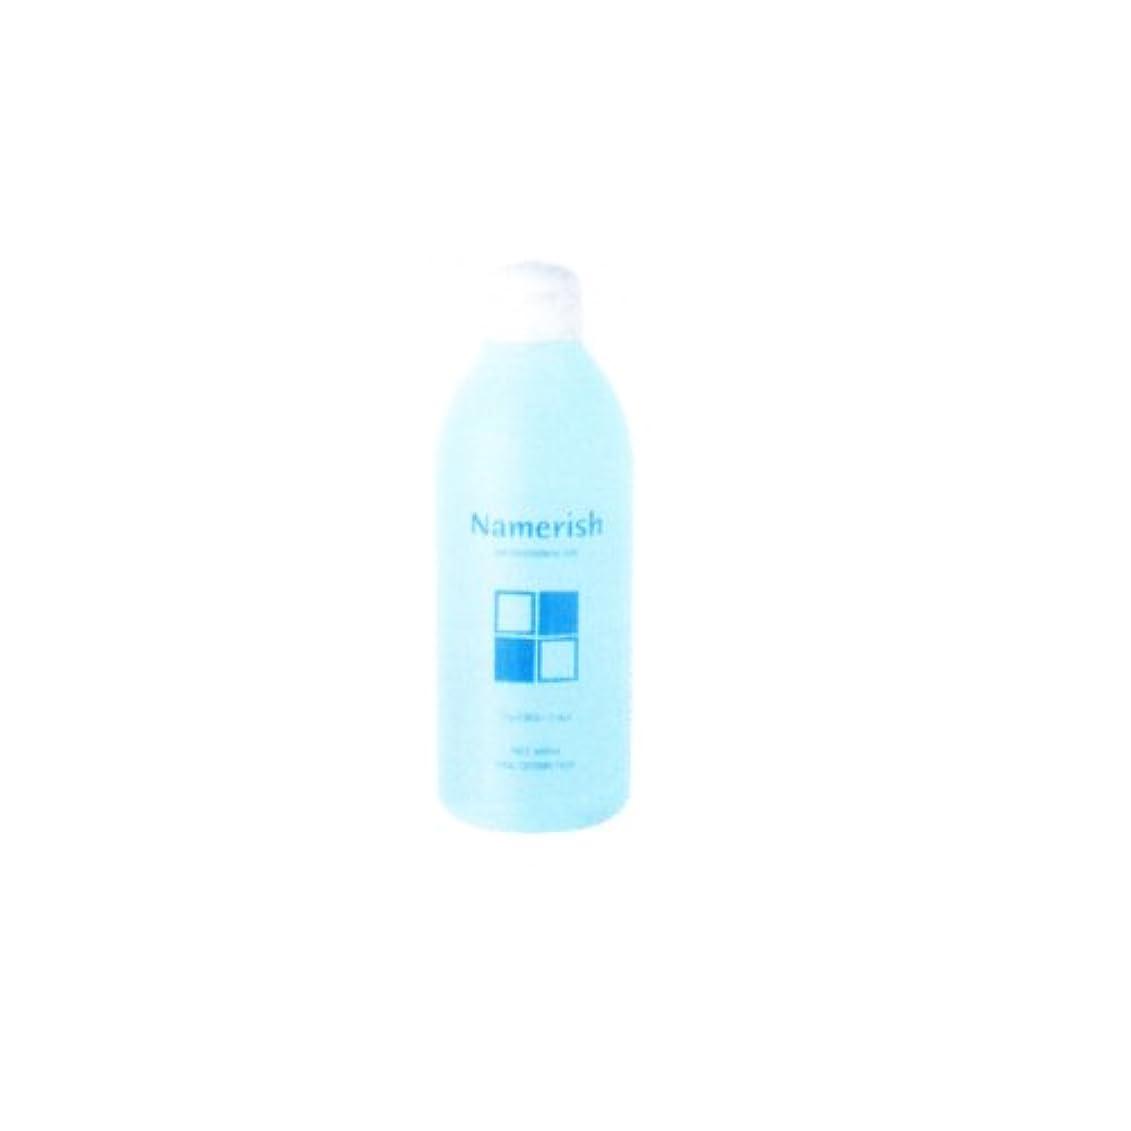 フレット水を飲む称賛ファイン ナメリッシュ(収れん性化粧水)